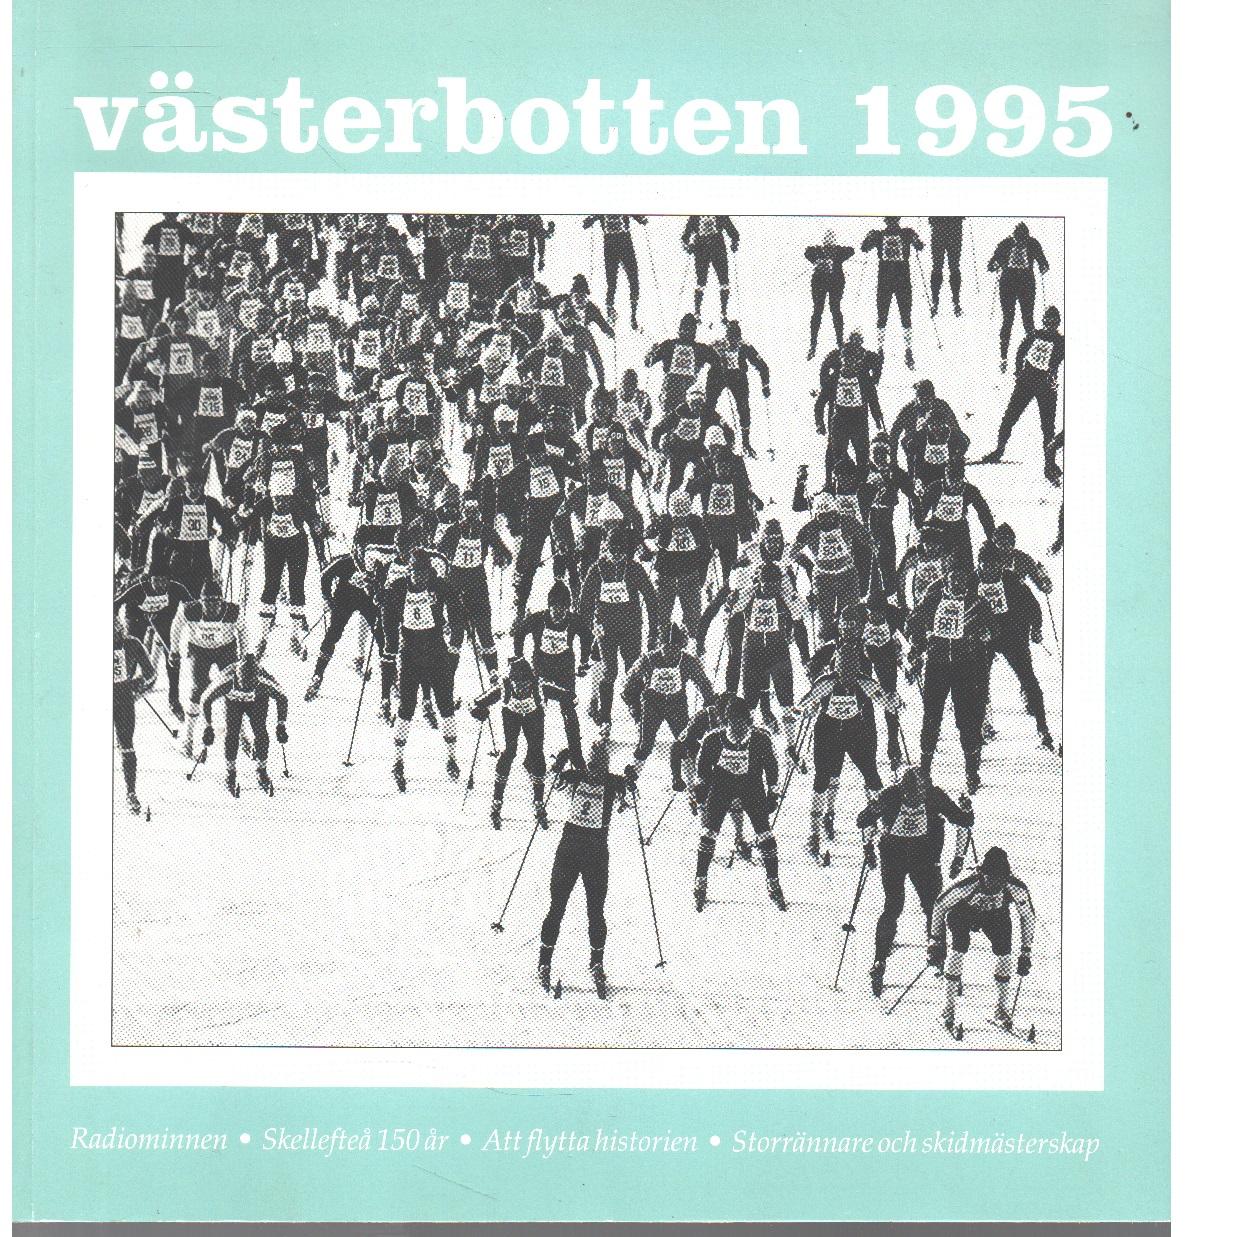 Västerbotten : Västerbottens läns hembygdsförenings årsbok 1995 - Red.